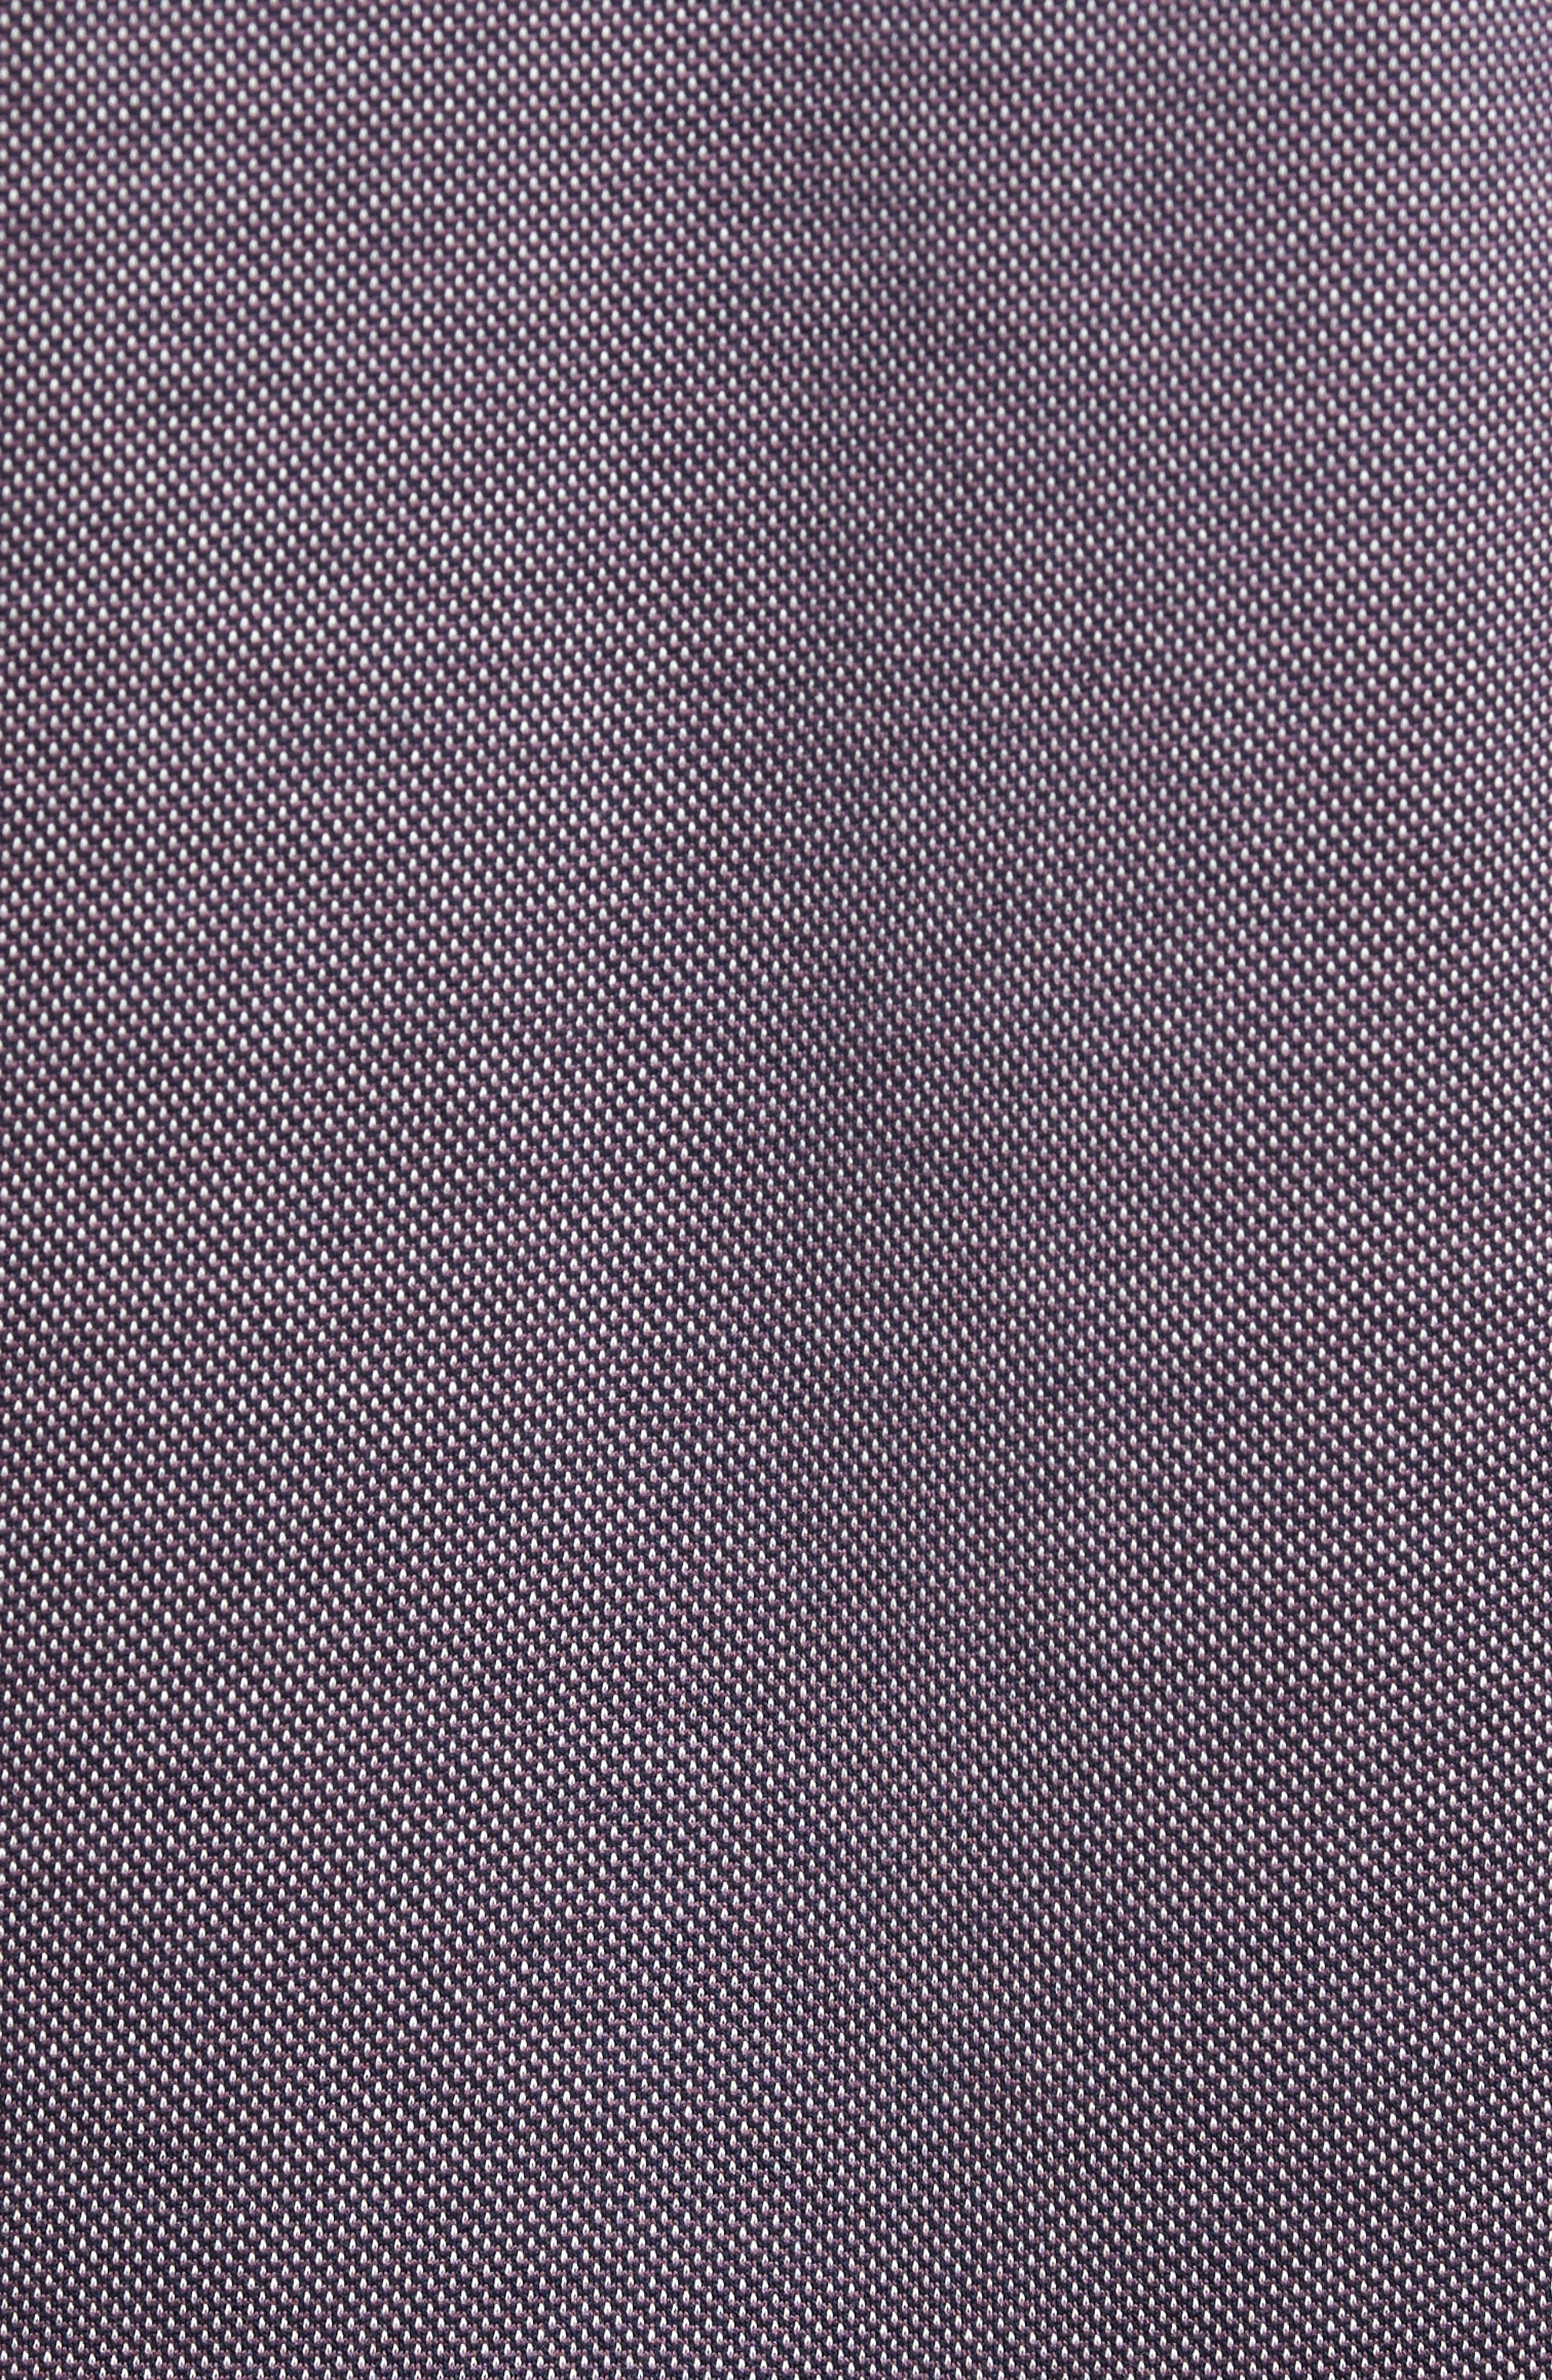 Verde Jacquard Mercerized Cotton Polo,                             Alternate thumbnail 14, color,